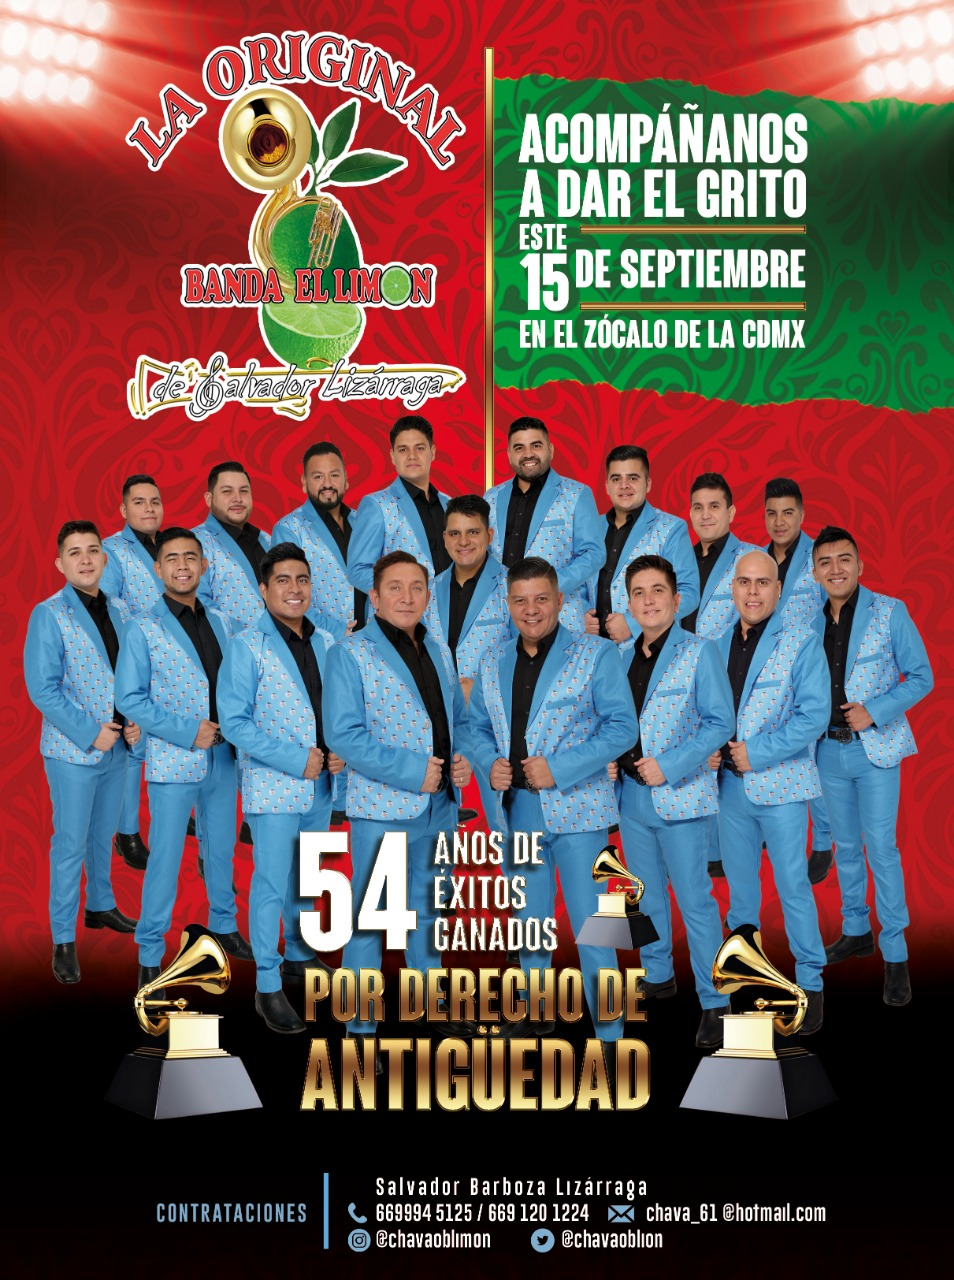 La Original Banda El Limón, Zócalo